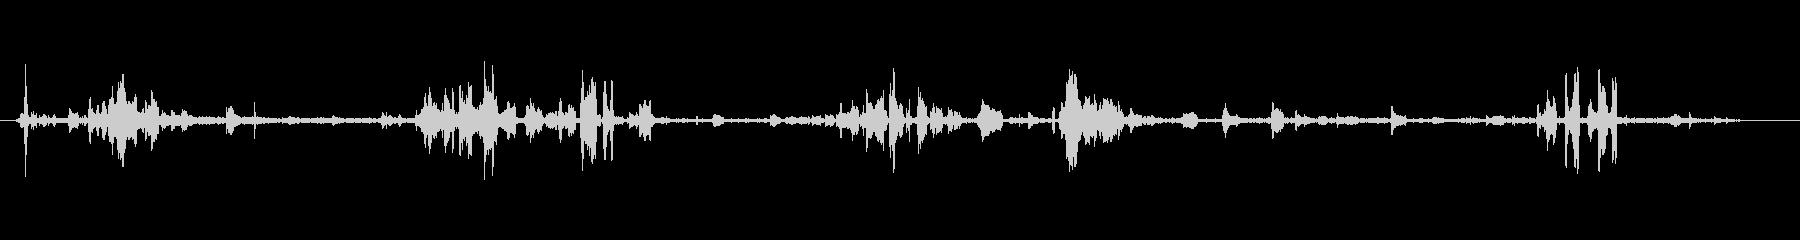 鳥カモメ-カモメの鳴き声-一般的な雰囲気の未再生の波形